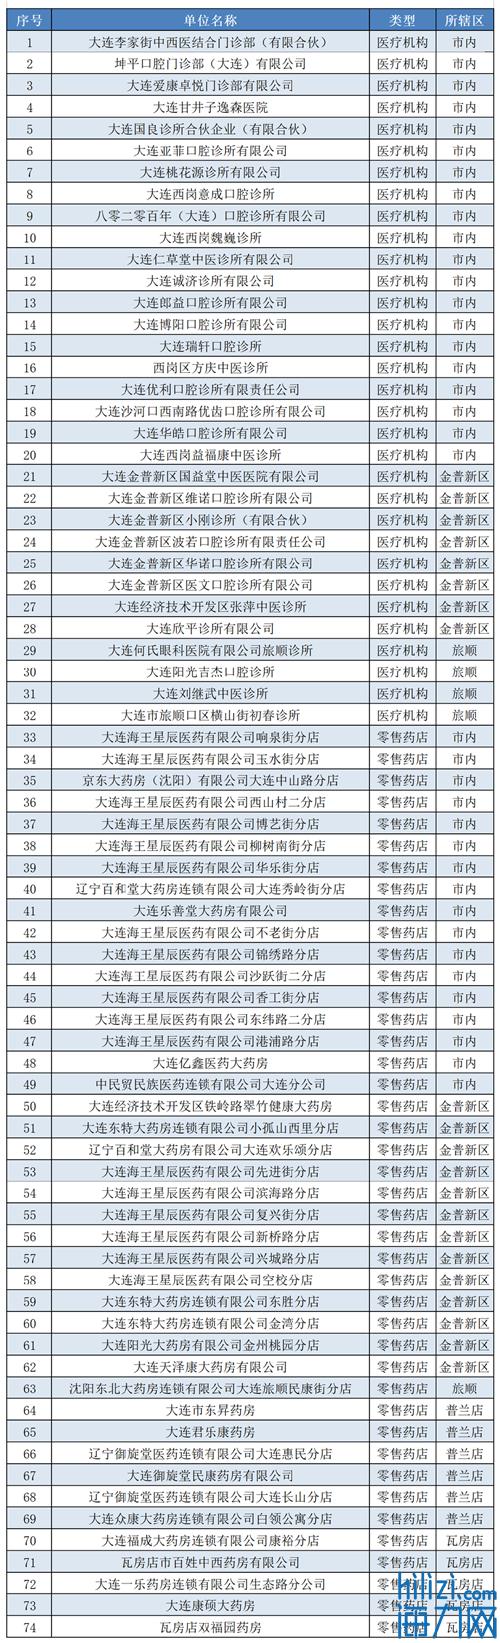 本市拟新增74家医保定点医药机构